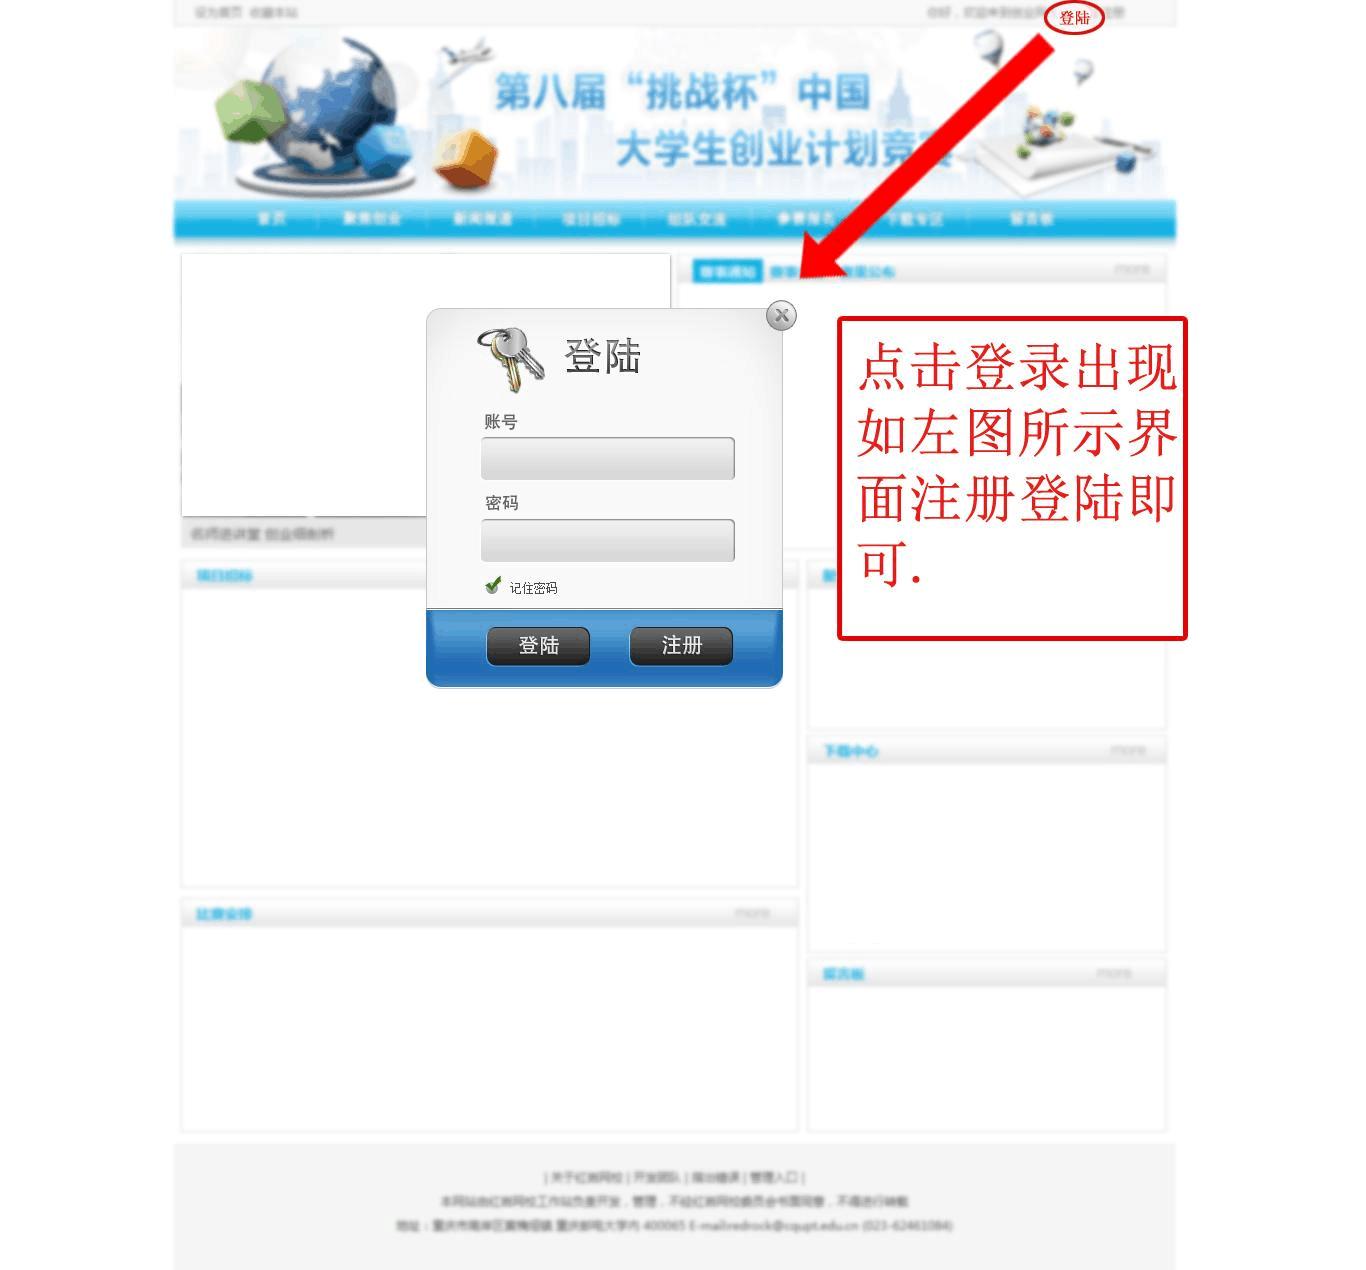 大部分加工厂也已停止加工_创业网站